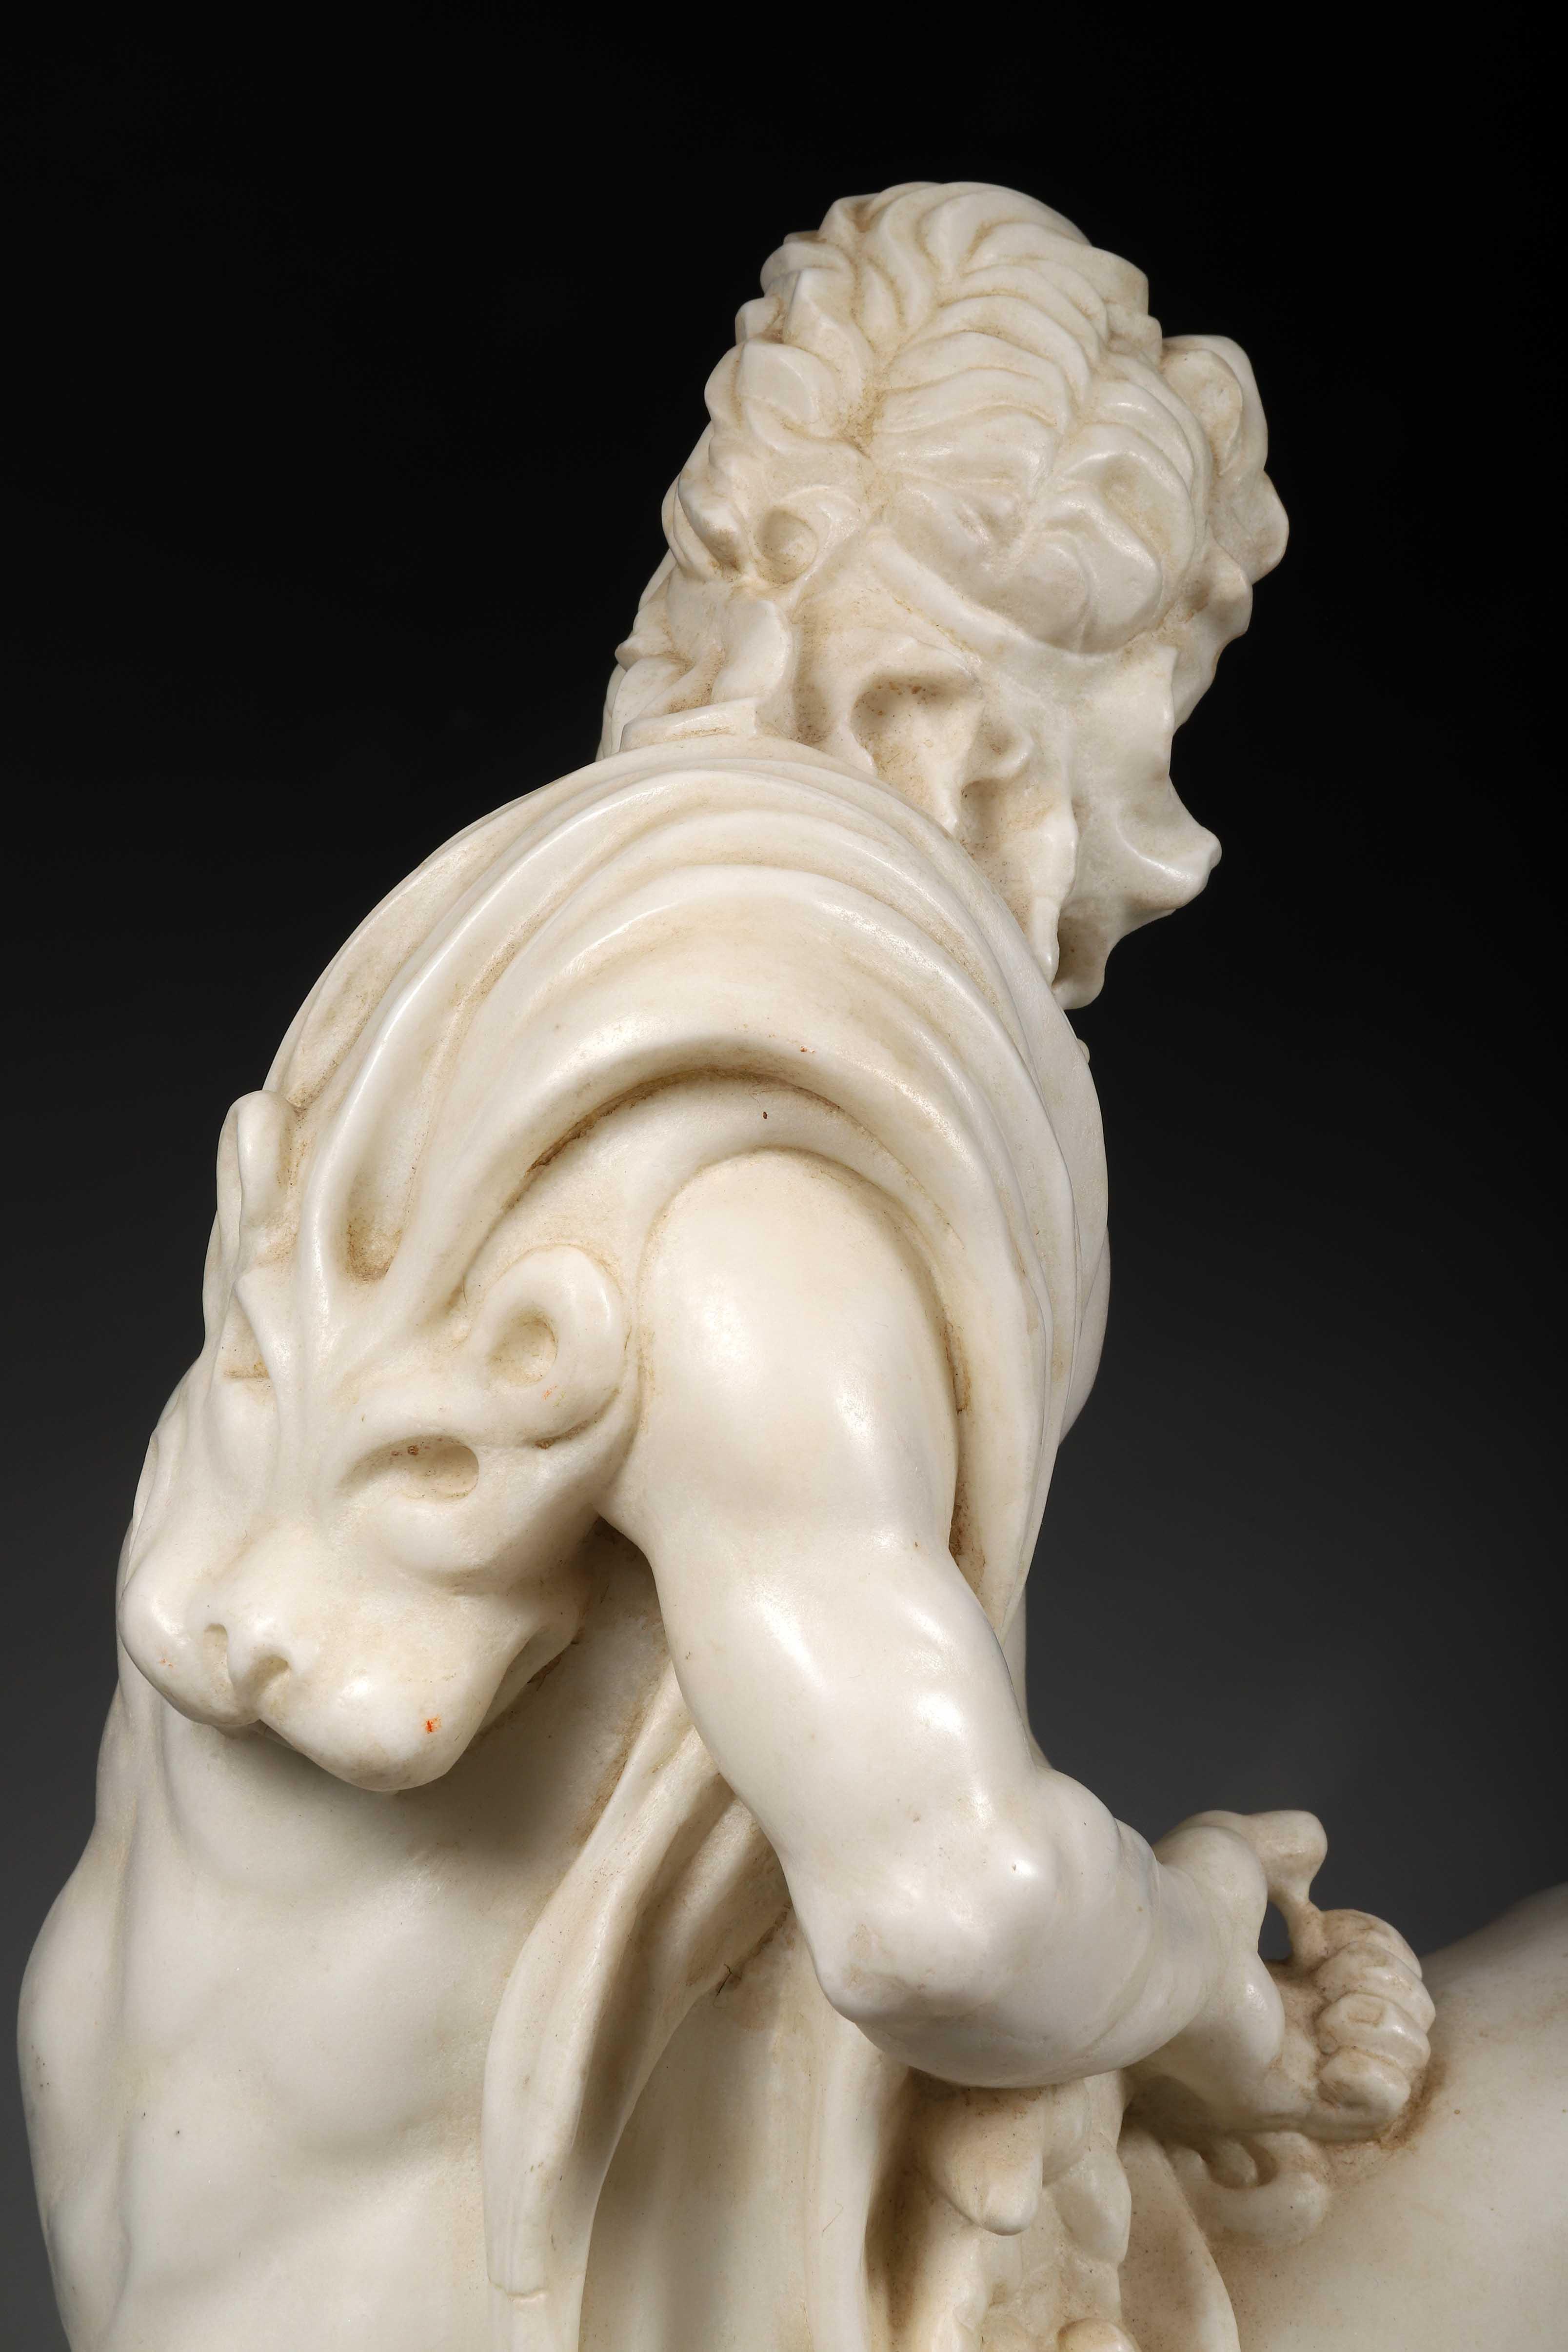 Le vieux centaure de Furietti. Sculpture en marbre blanc exécutée au XXème siècle [...] - Bild 5 aus 5